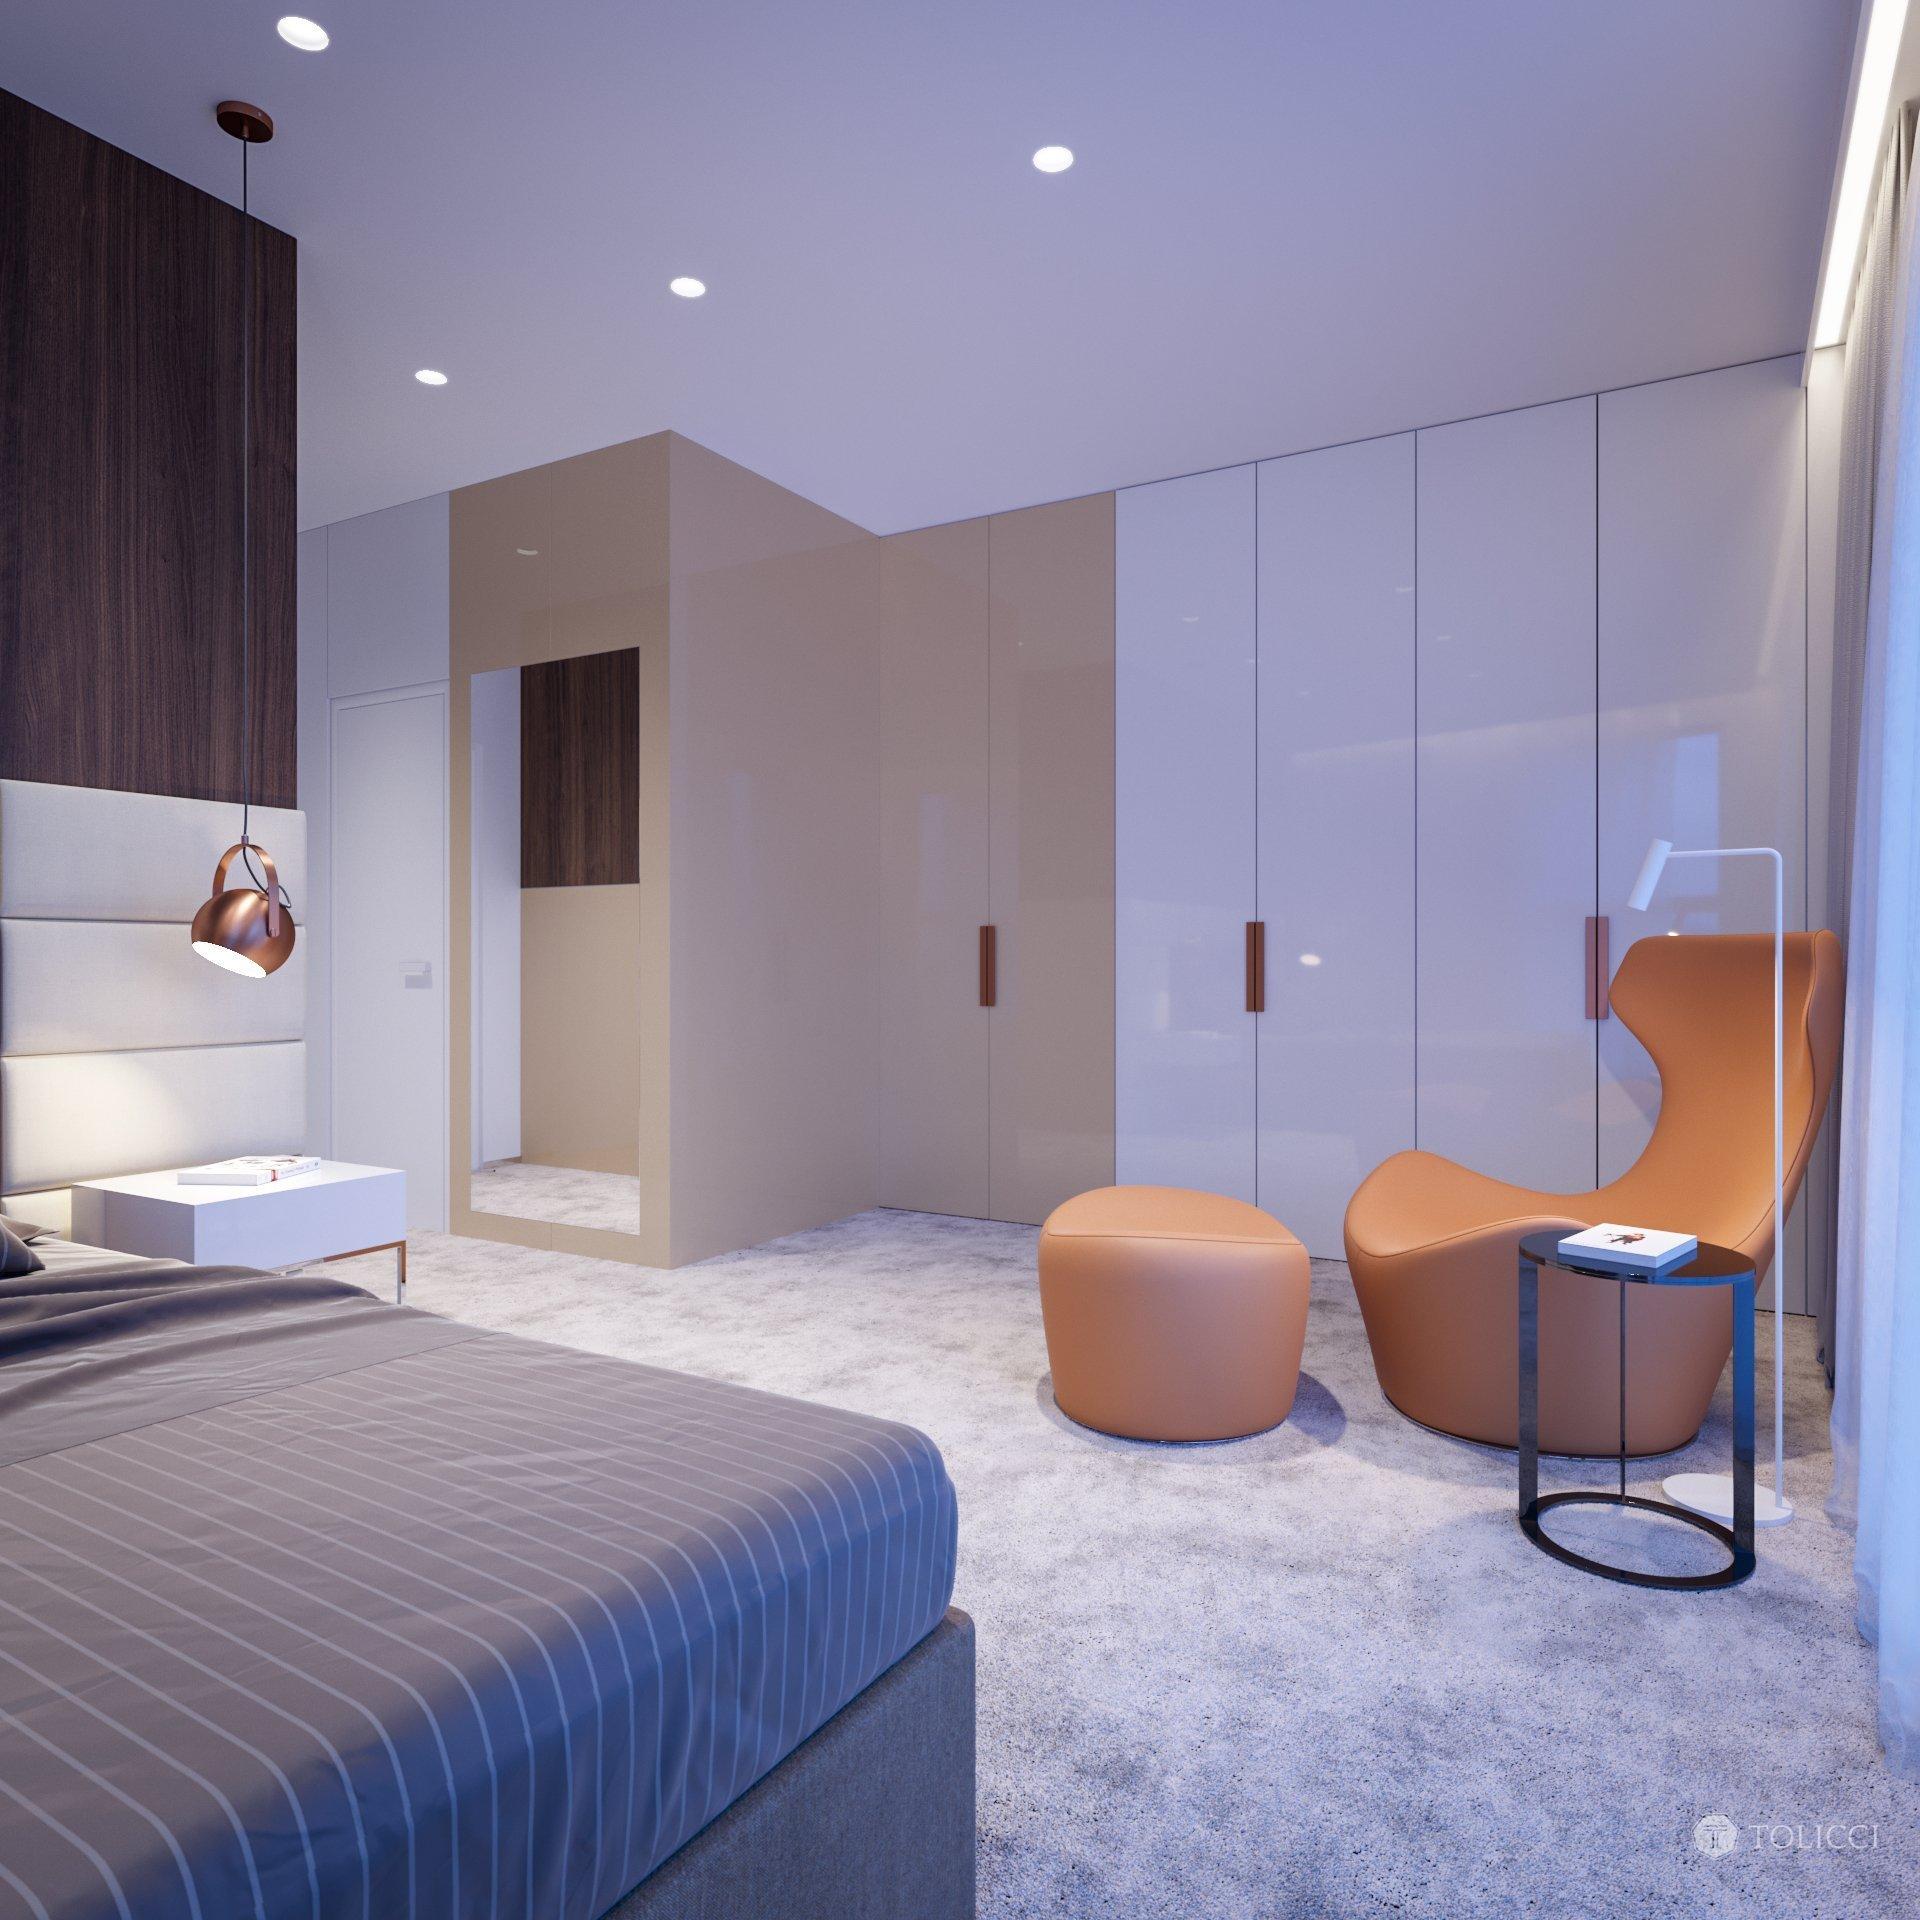 Návrh interiéru bytového apartmánu reprezentuje vytvorenie elegantného a nestarnúceho dizajnu. Vhodná kontrastná kombinácia tmavého orechového dreva a teplých…